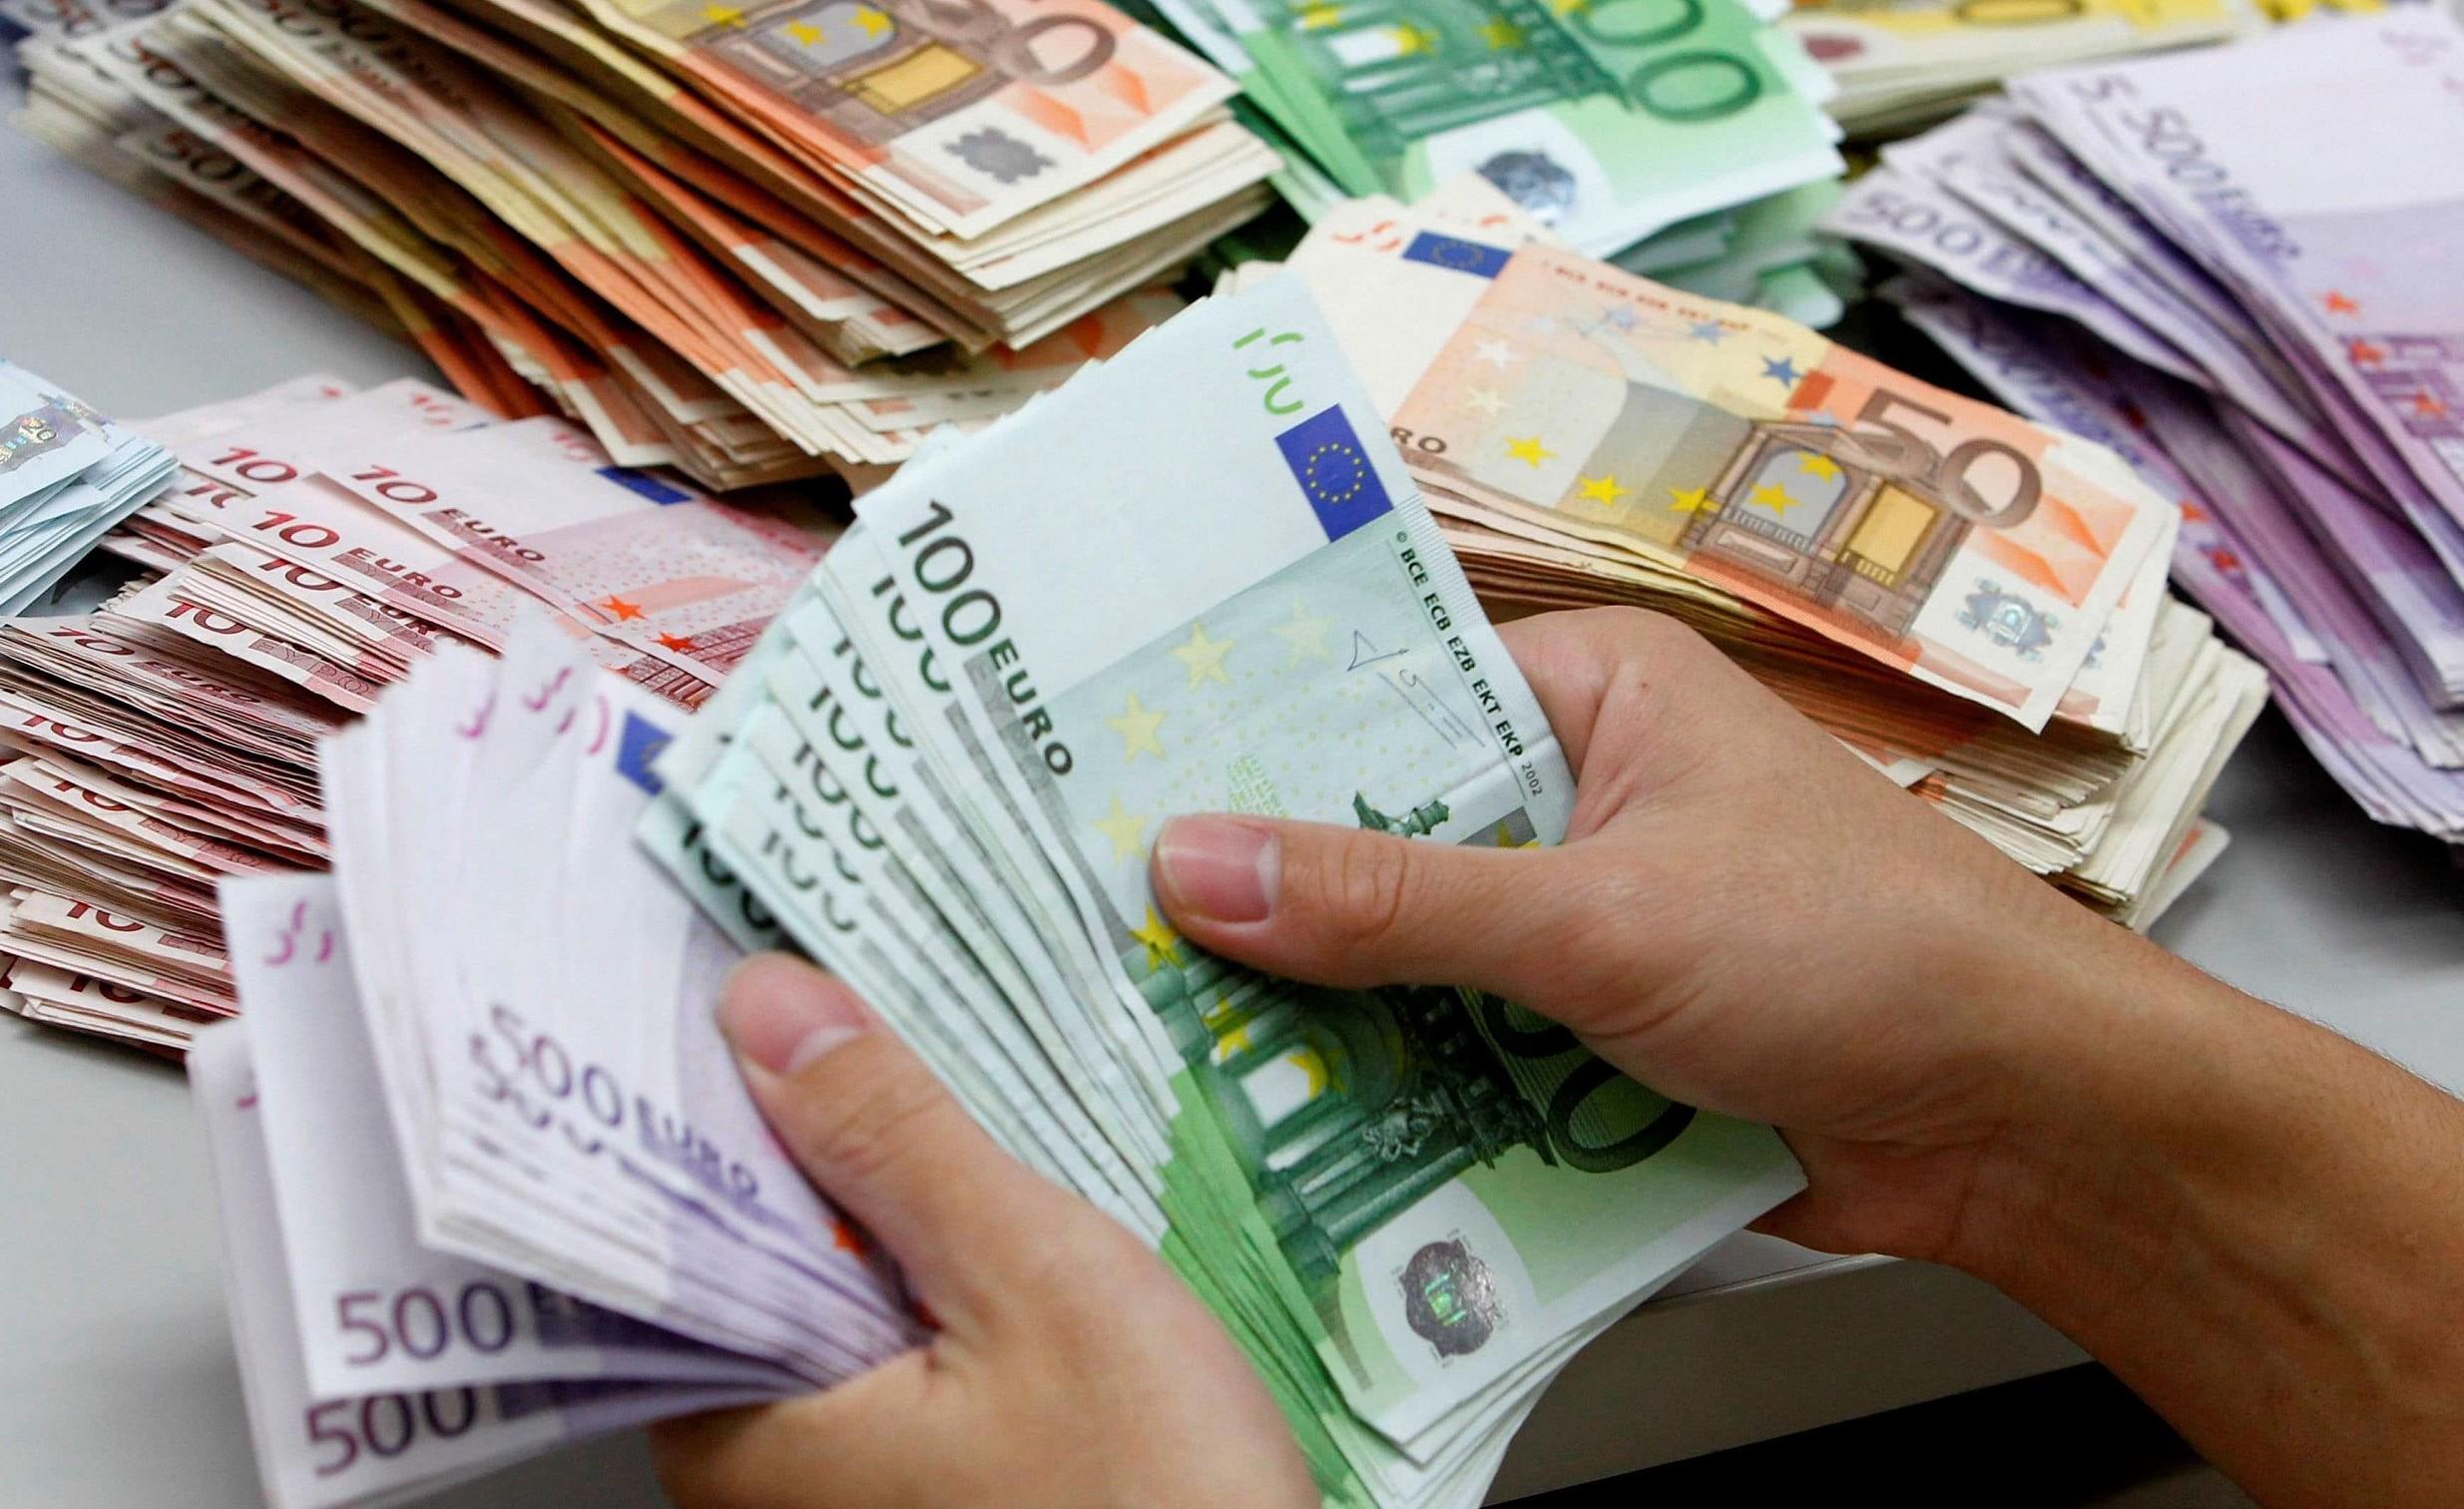 Stipendi in contanti, a chi possono esse